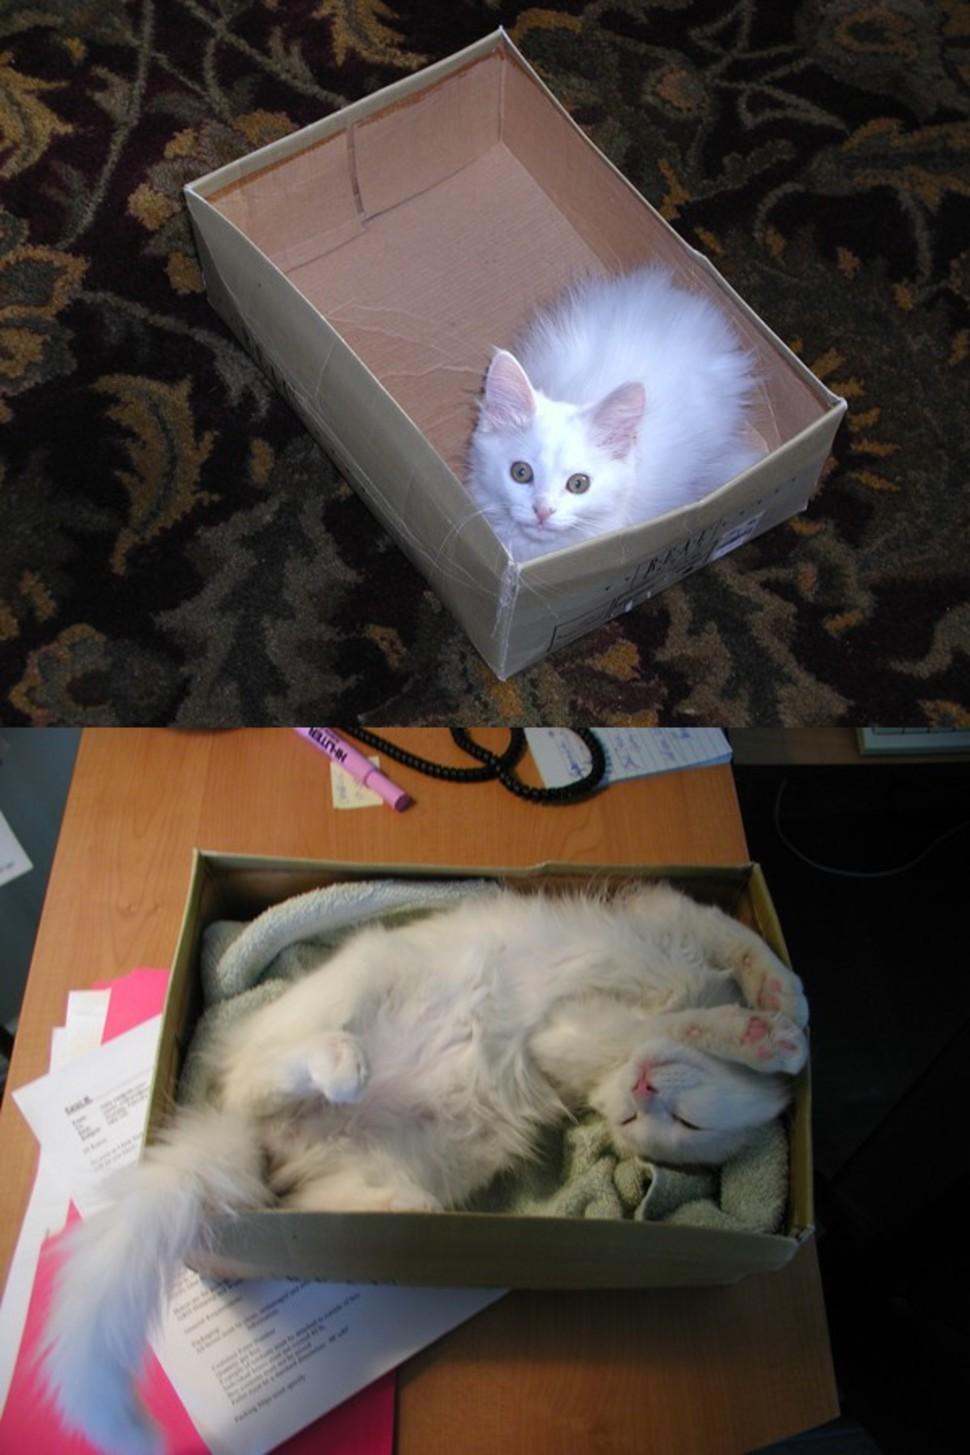 不知不覺就把盒子給塞滿了!